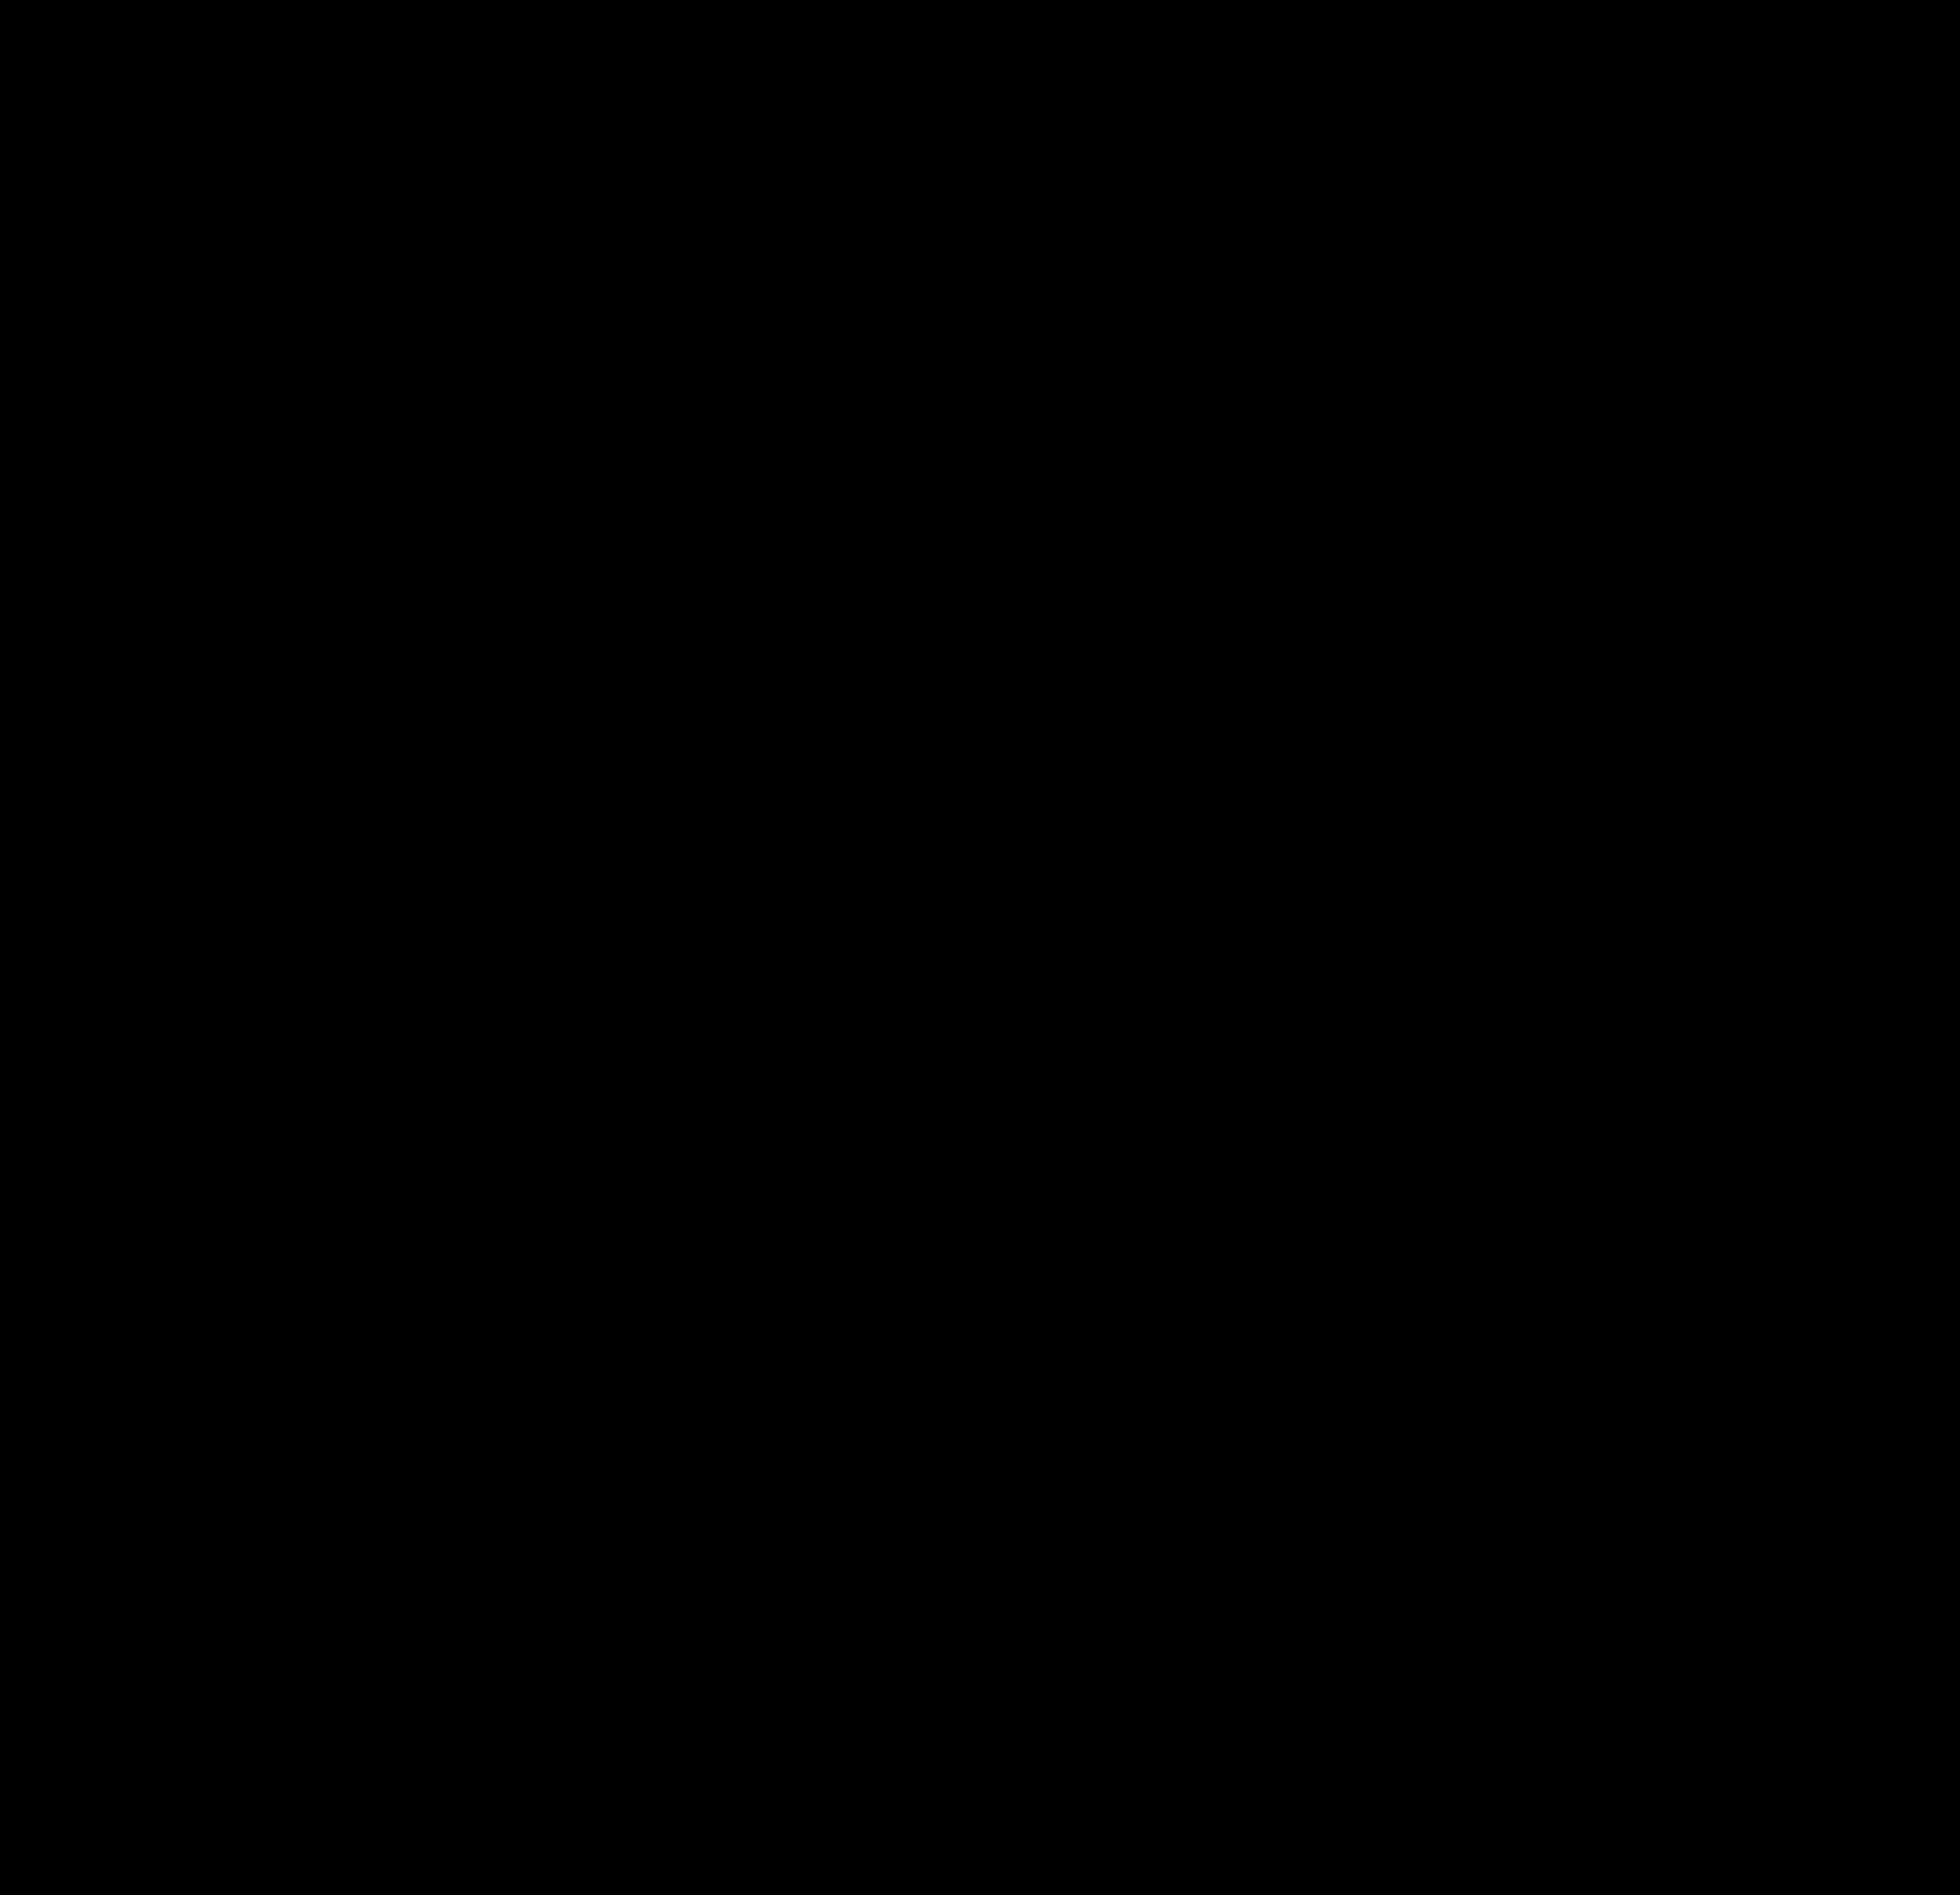 Jesus at getdrawings com. Cross clip art silhouette